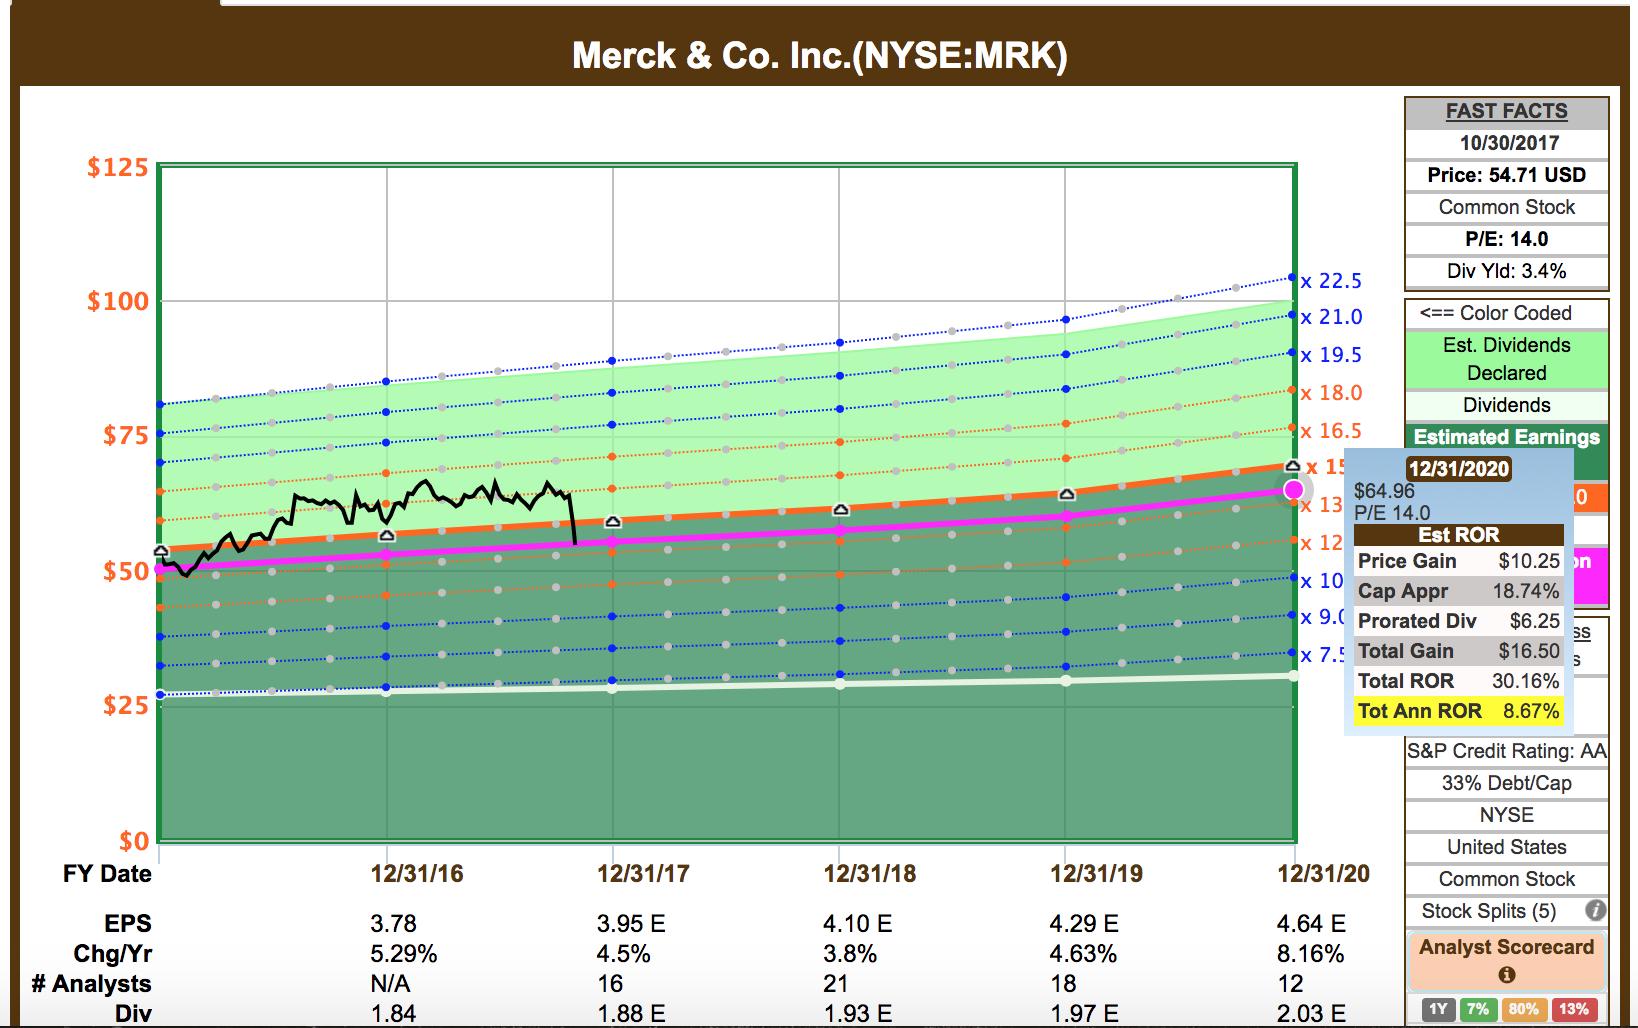 My Recent Stock Quotes I'm Buying Merck At 52Week Lows  Merck & Co Incnysemrk